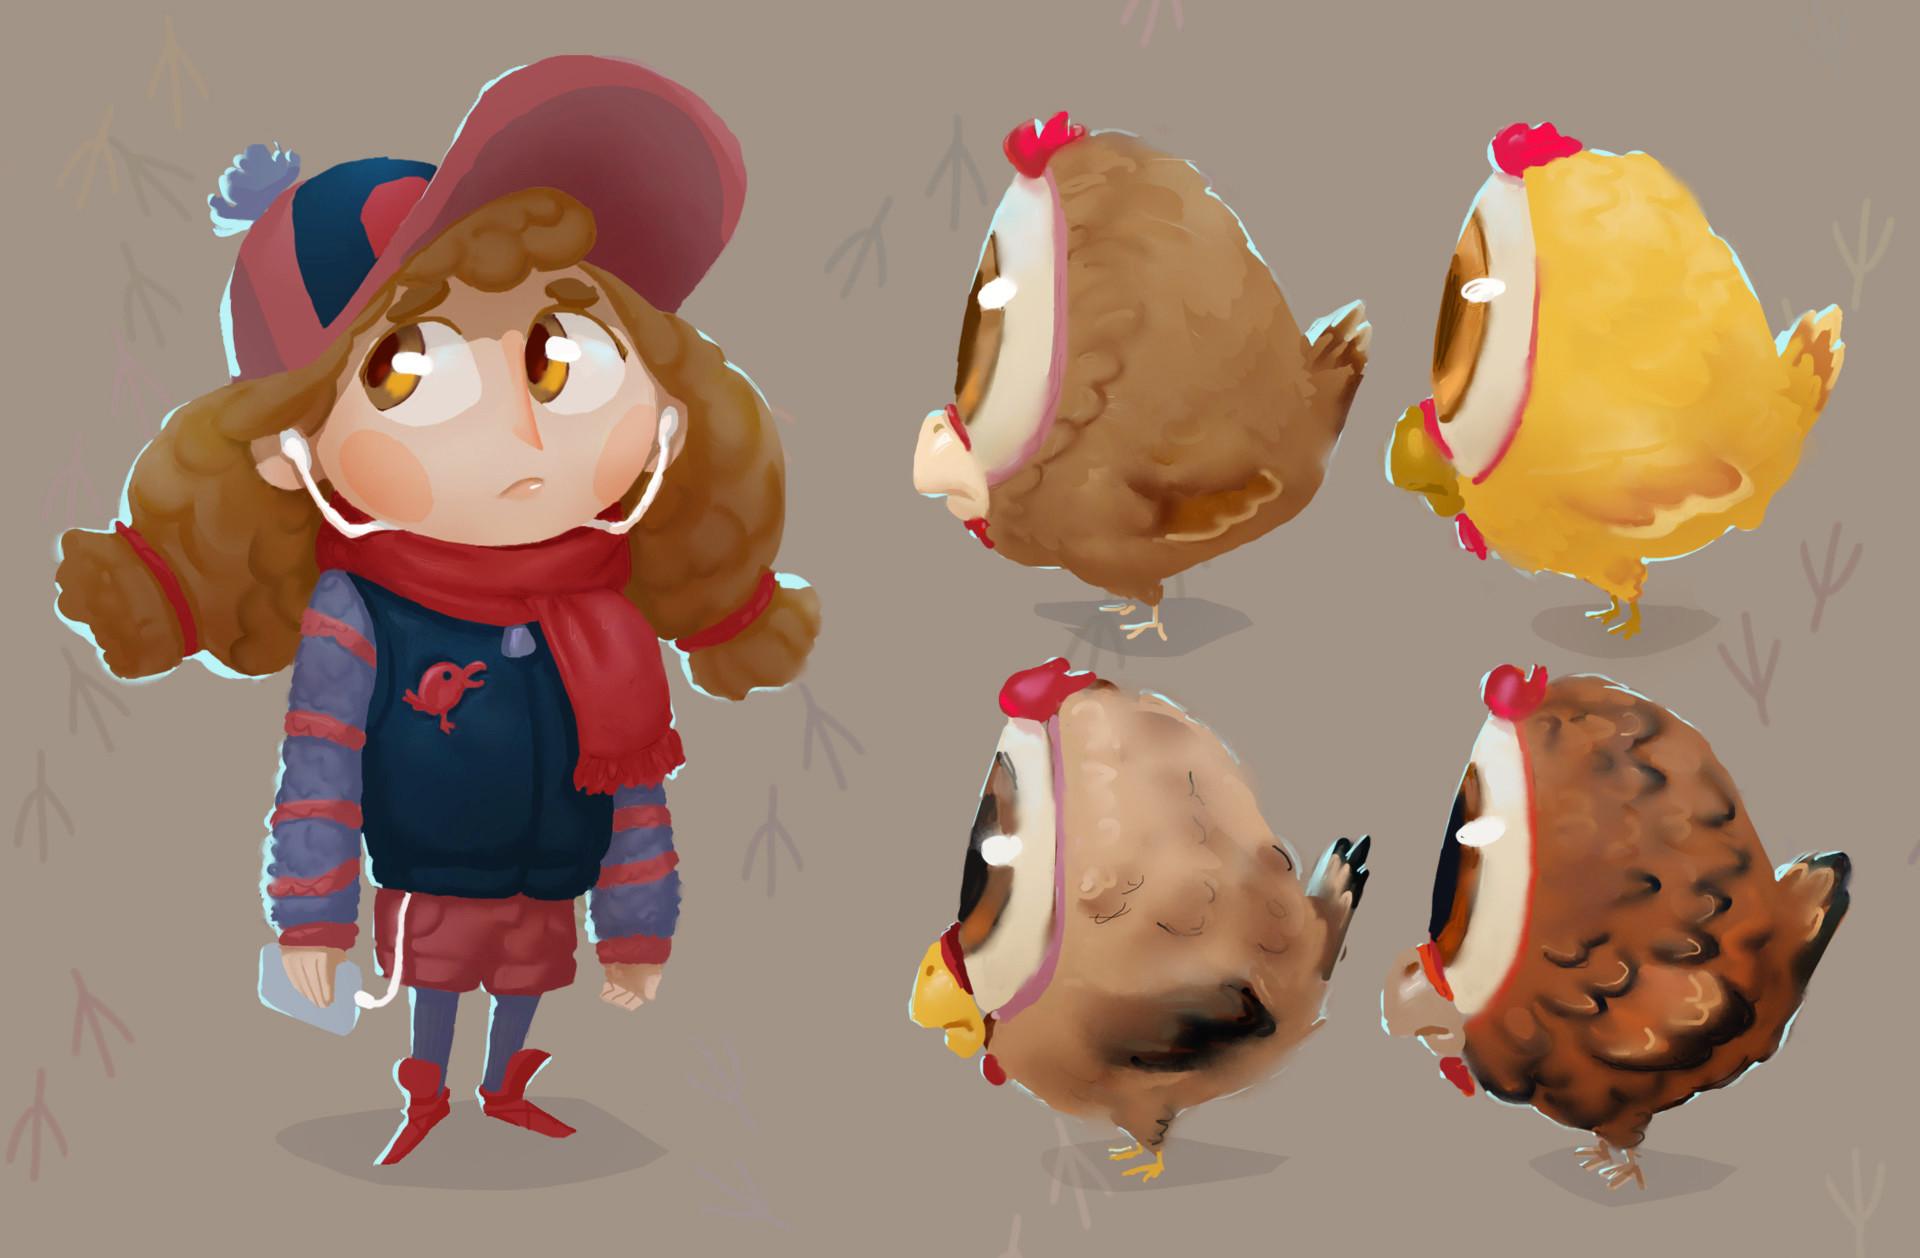 Vivien lulkowski vivien lulkowski vivien lulkowski bibi chicks